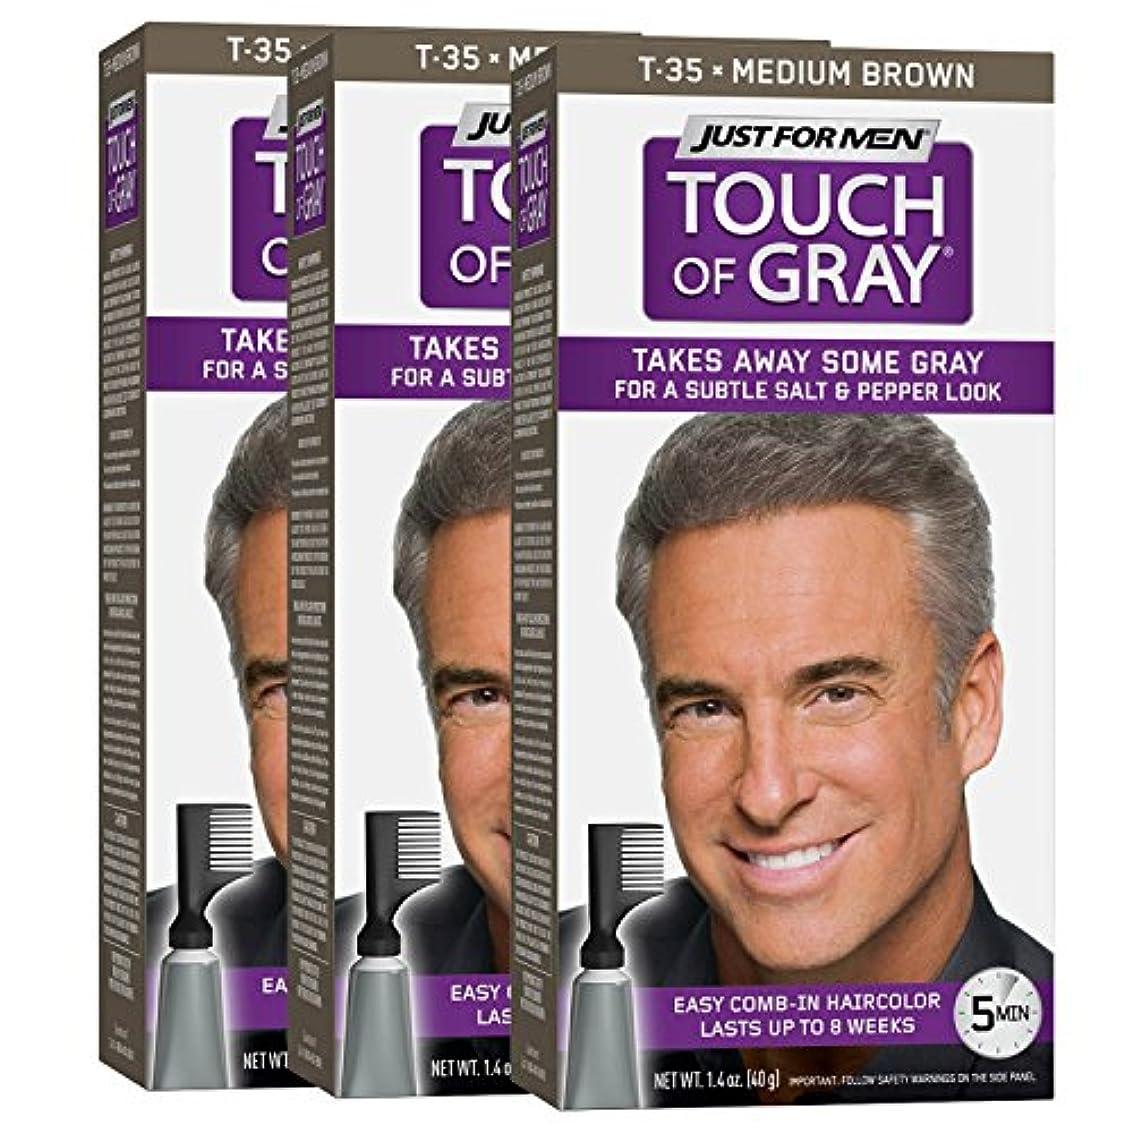 実質的規定控えるJust for Men グレーくしメンズヘアカラー、ミディアムブラウンの感触(3パック) 3パック ミディアムブラウン